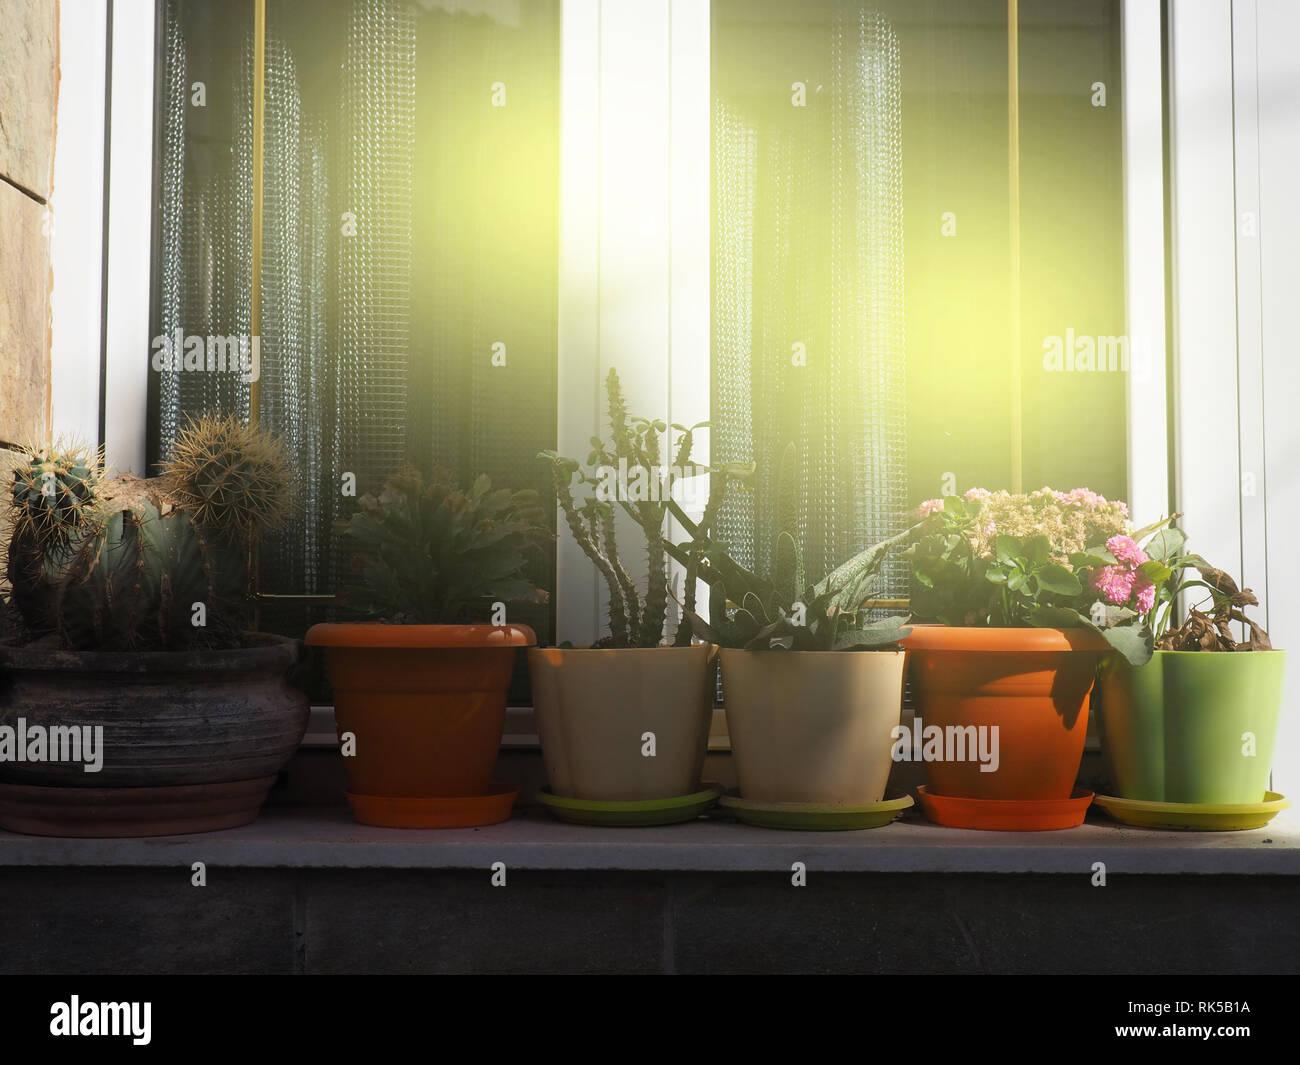 Garten Container In Der Nähe Von House Töpfe Von Pflanzen Sind Auf